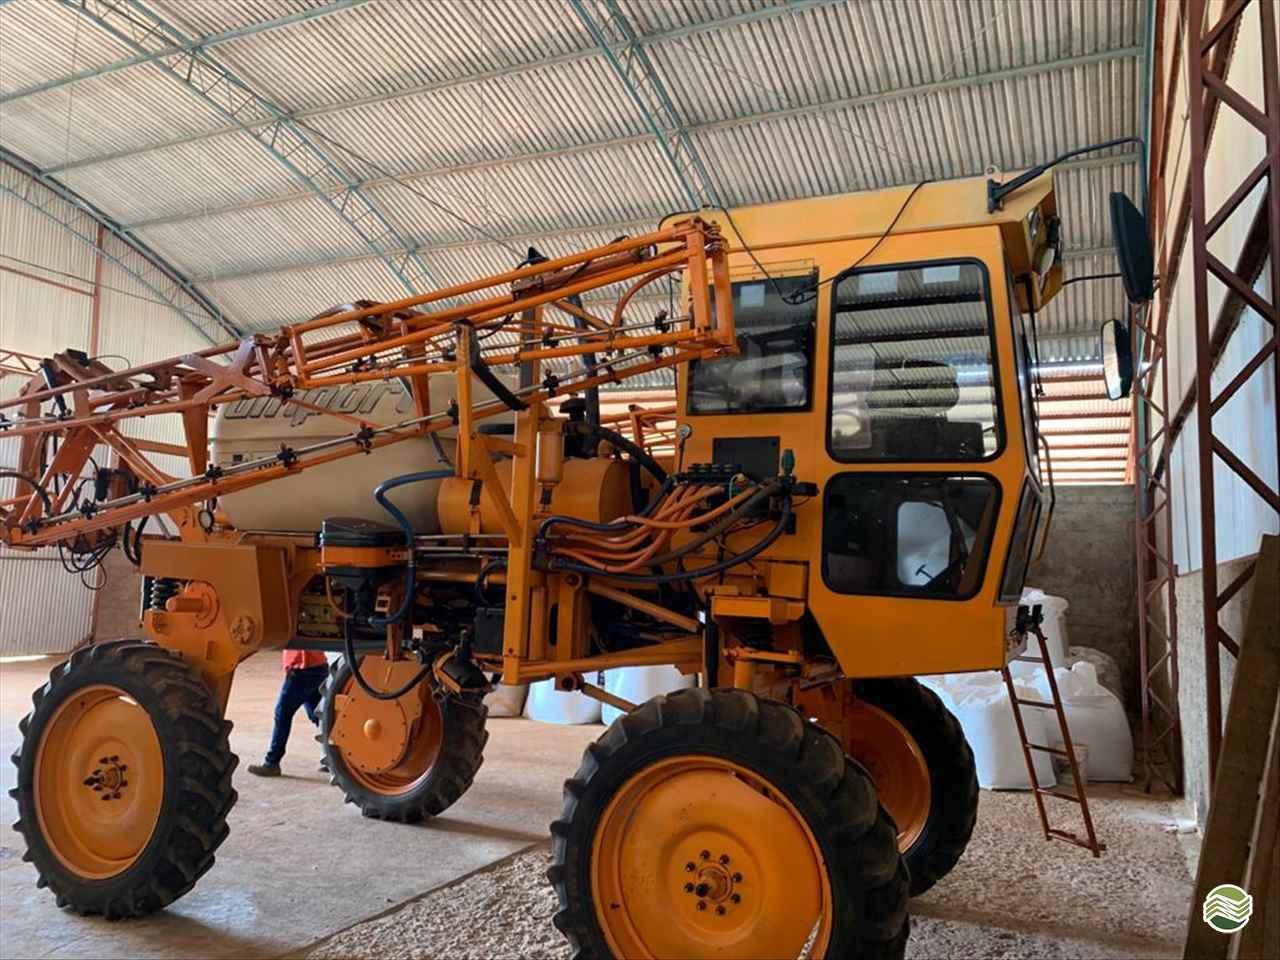 PULVERIZADOR JACTO UNIPORT 2000 Tração 4x2 GPS Máquinas CAMPO VERDE MATO GROSSO MT